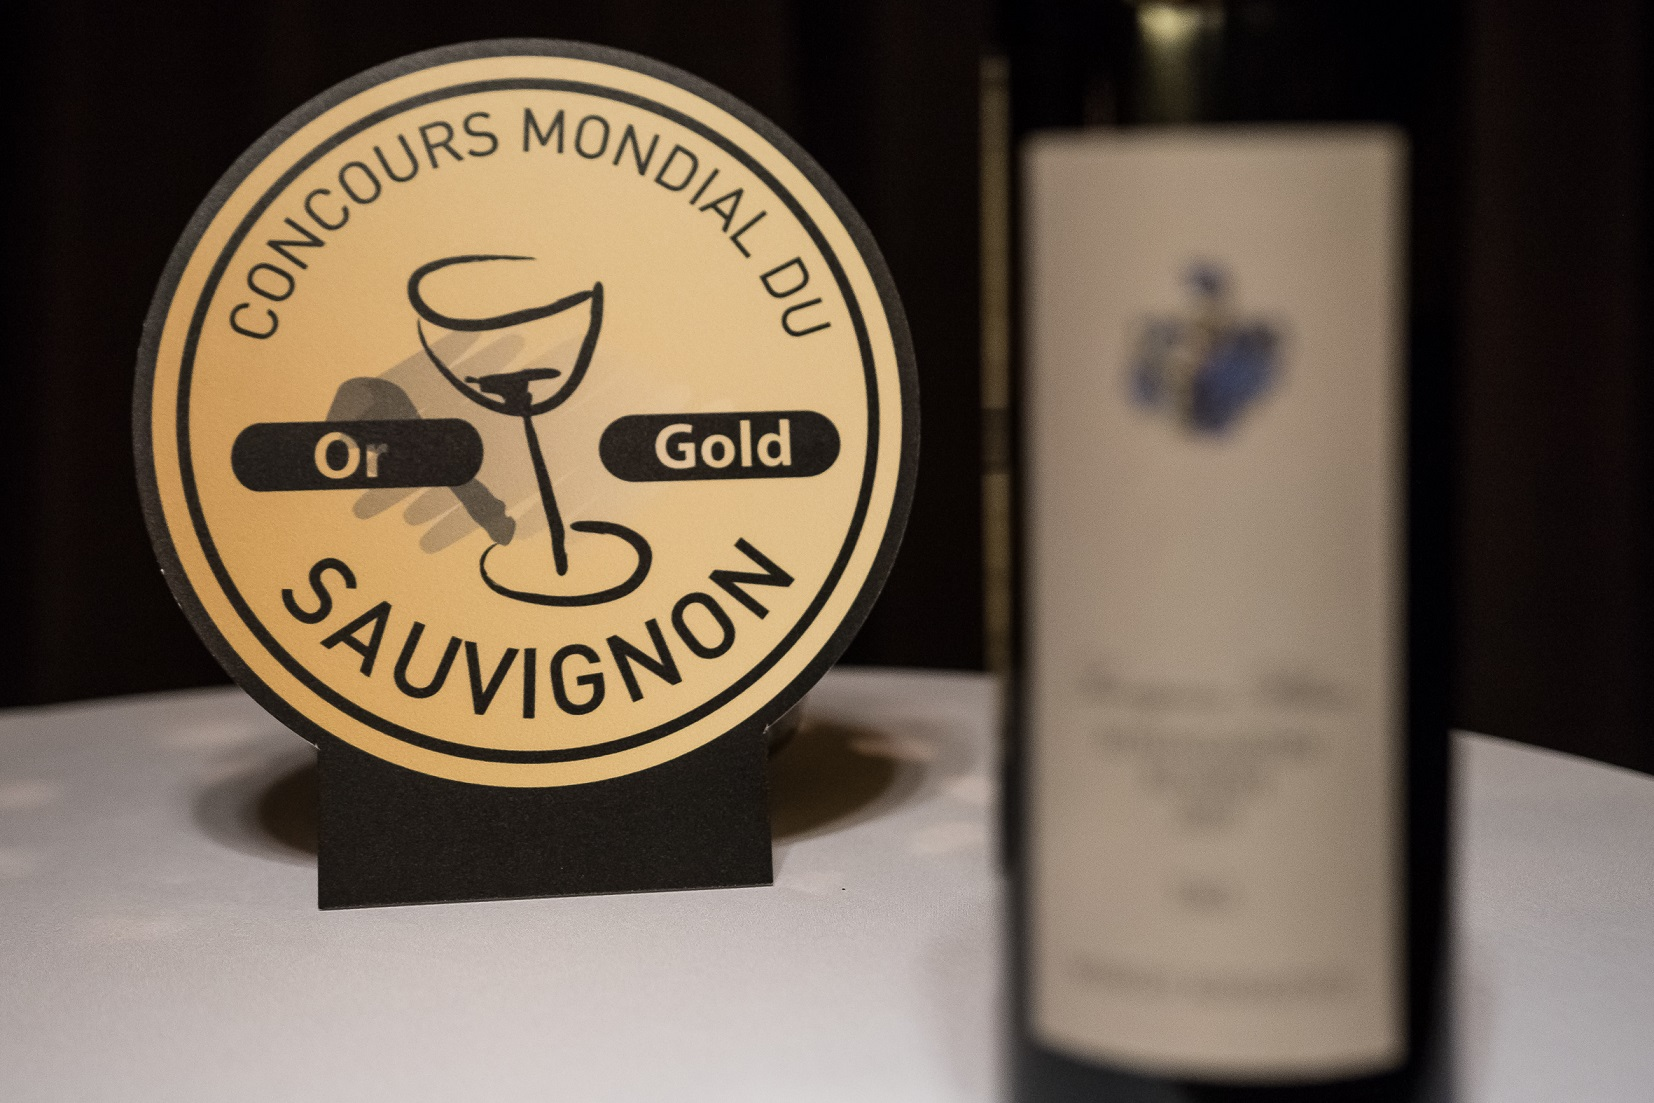 Hasta el 15 de febrero las viñas pueden enviar muestras para el Concours Mondial du Sauvignon.